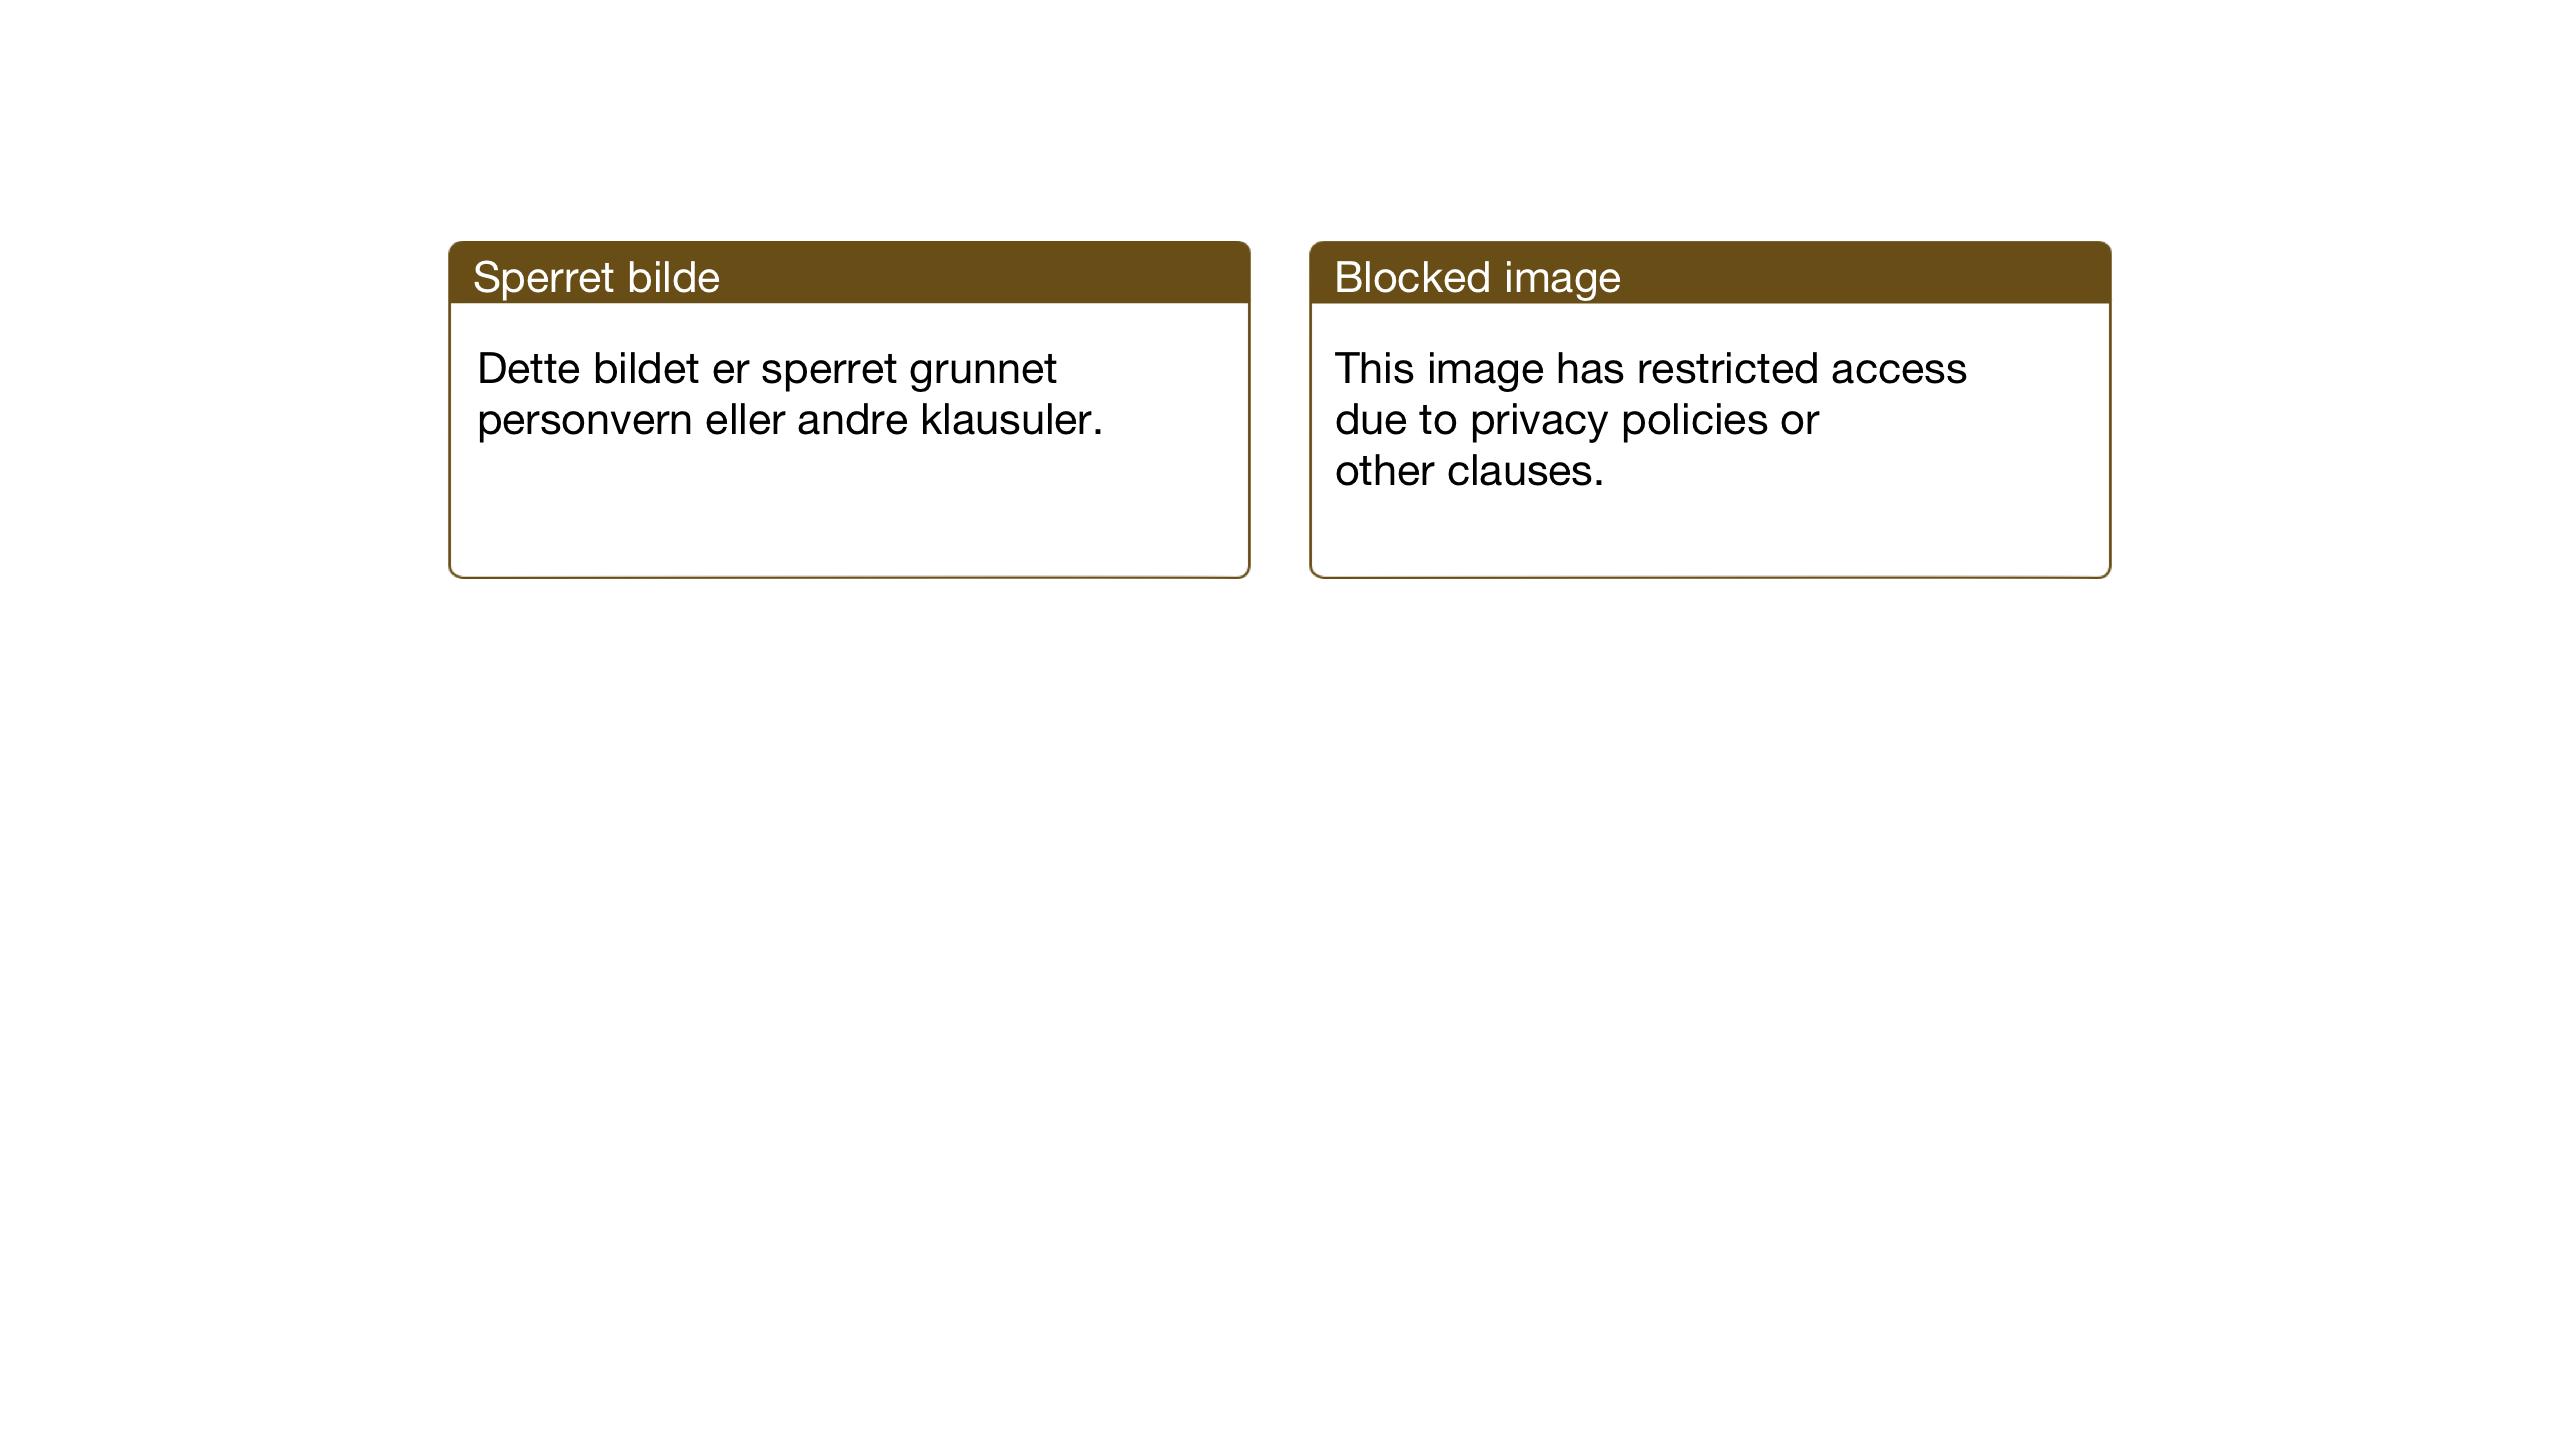 SAT, Ministerialprotokoller, klokkerbøker og fødselsregistre - Nord-Trøndelag, 731/L0312: Klokkerbok nr. 731C03, 1911-1935, s. 46